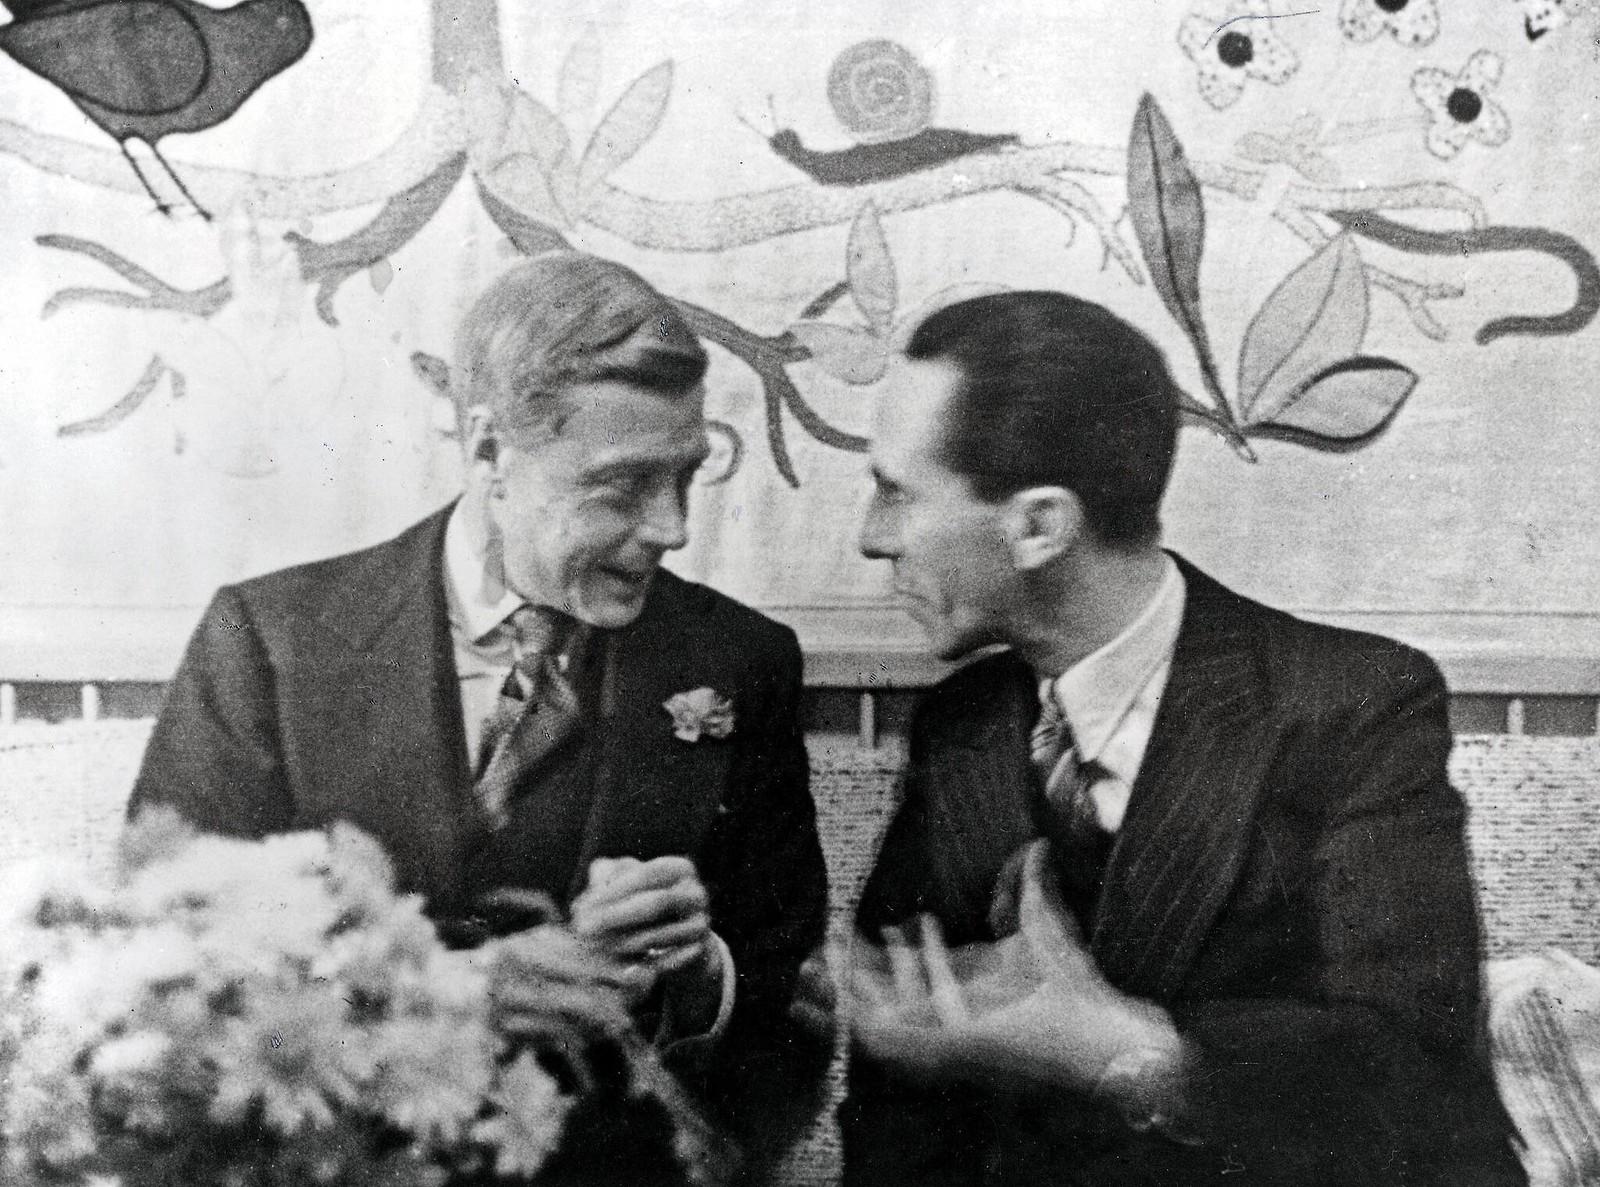 12 октября. Герцог Виндзорский слушает д-ра Йозефа Геббельса, министра пропаганды на вечеринке, устроенной в честь герцога и герцогини Робертом Леем, руководителем Германского трудового фронта.